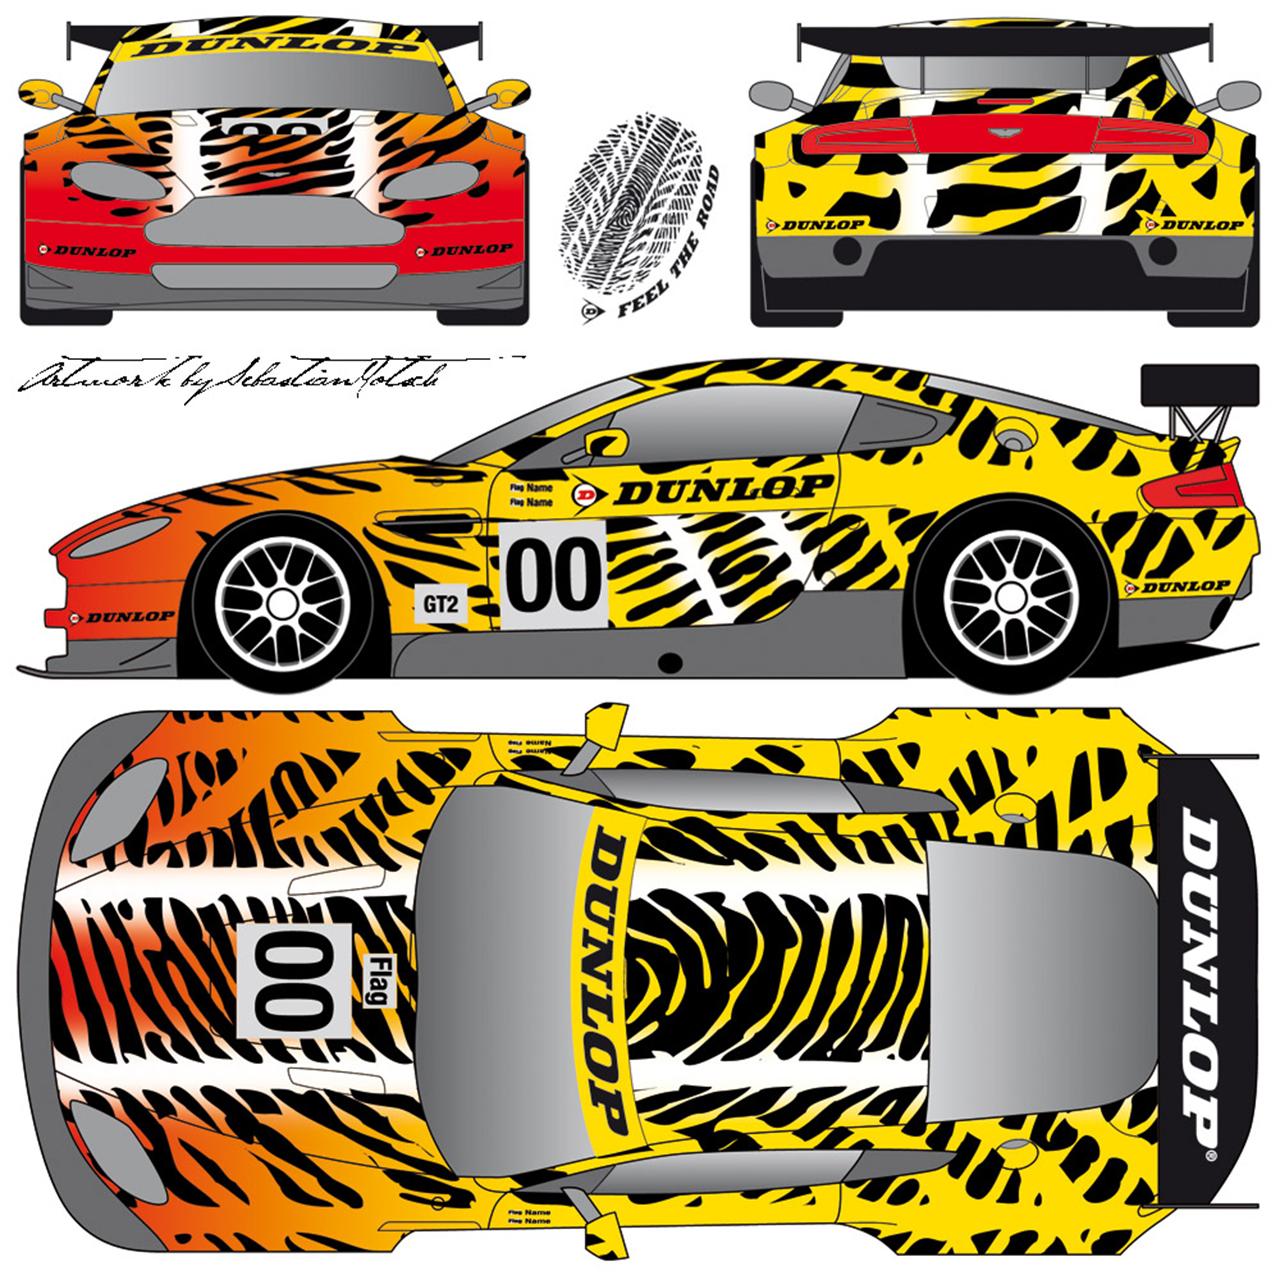 Aston Martin DUNLOP Tiger Livery 24 Heures Du Mans 2010 by Sebastian Motsch